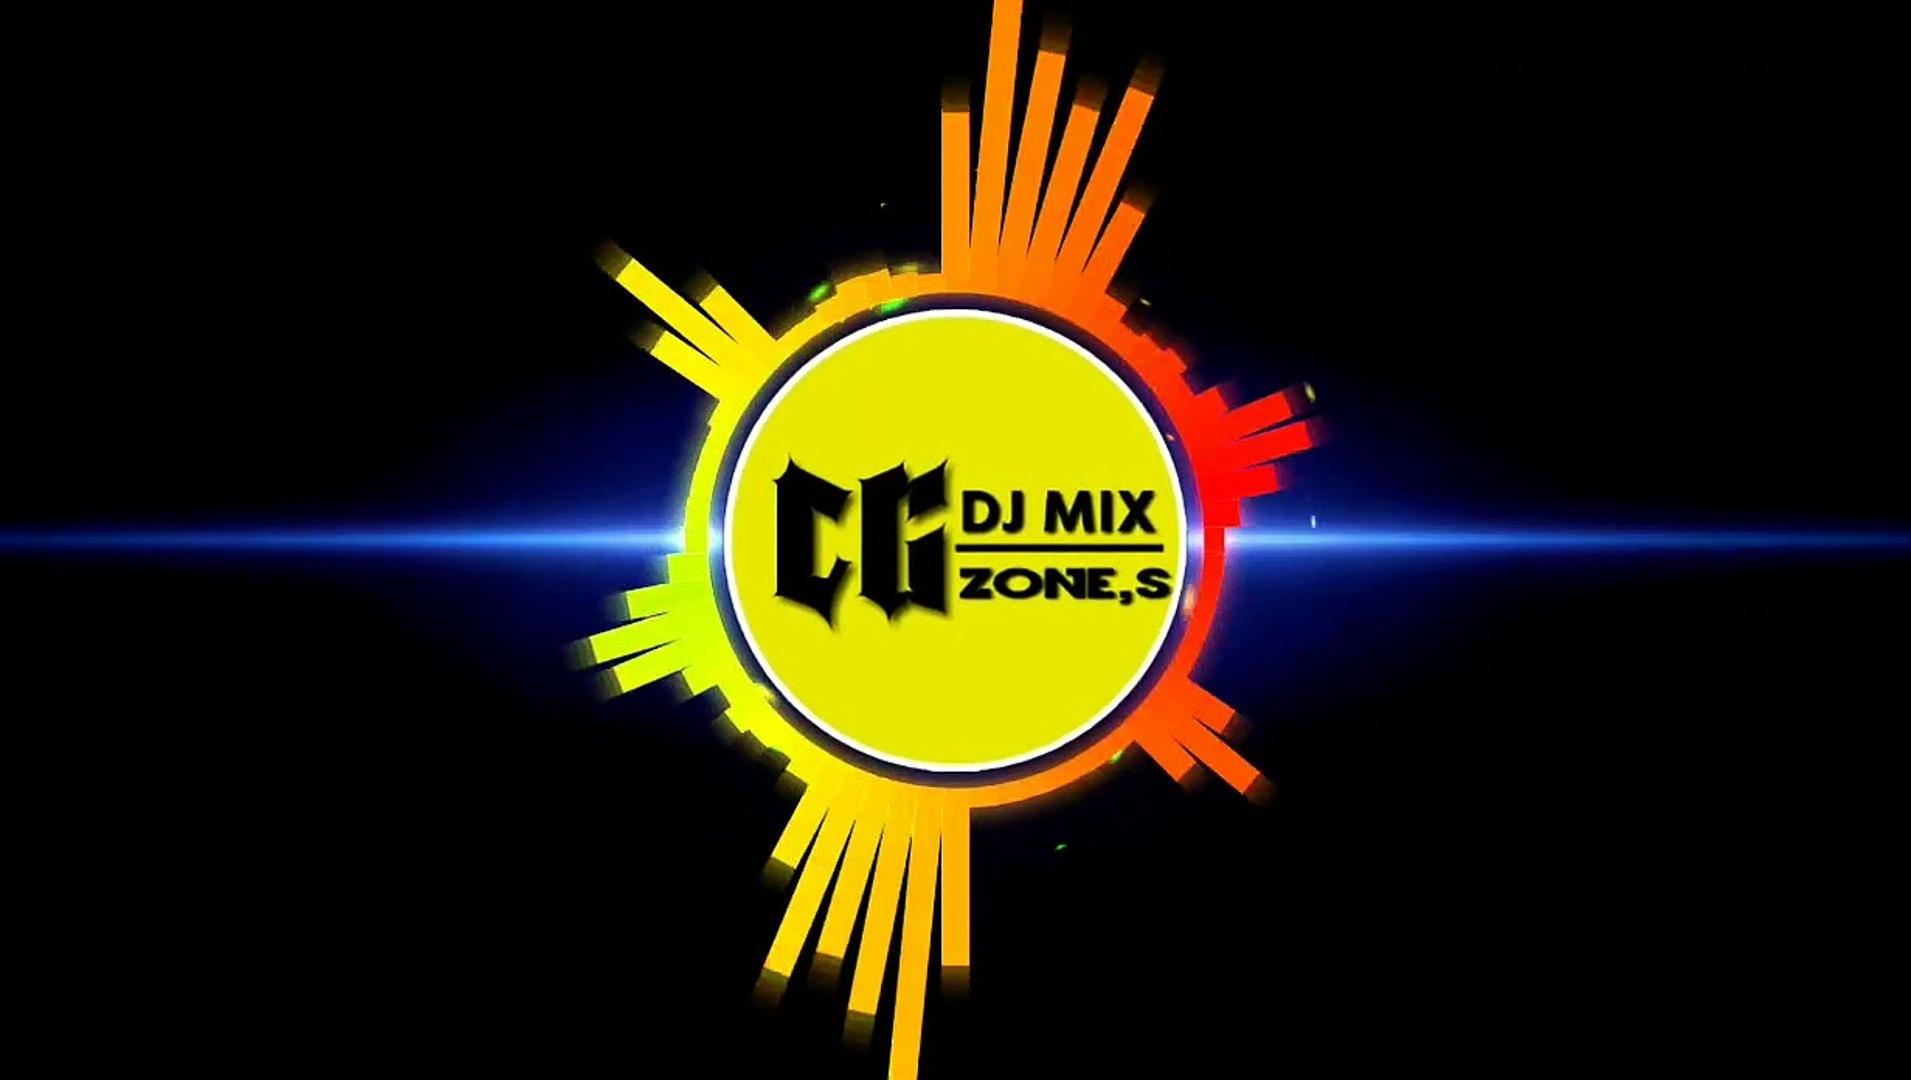 CG BIHAV DJ SONG ¦¦ छत्तीसगढ़ी डीजे गीत¦¦CG DJ SONG 2019